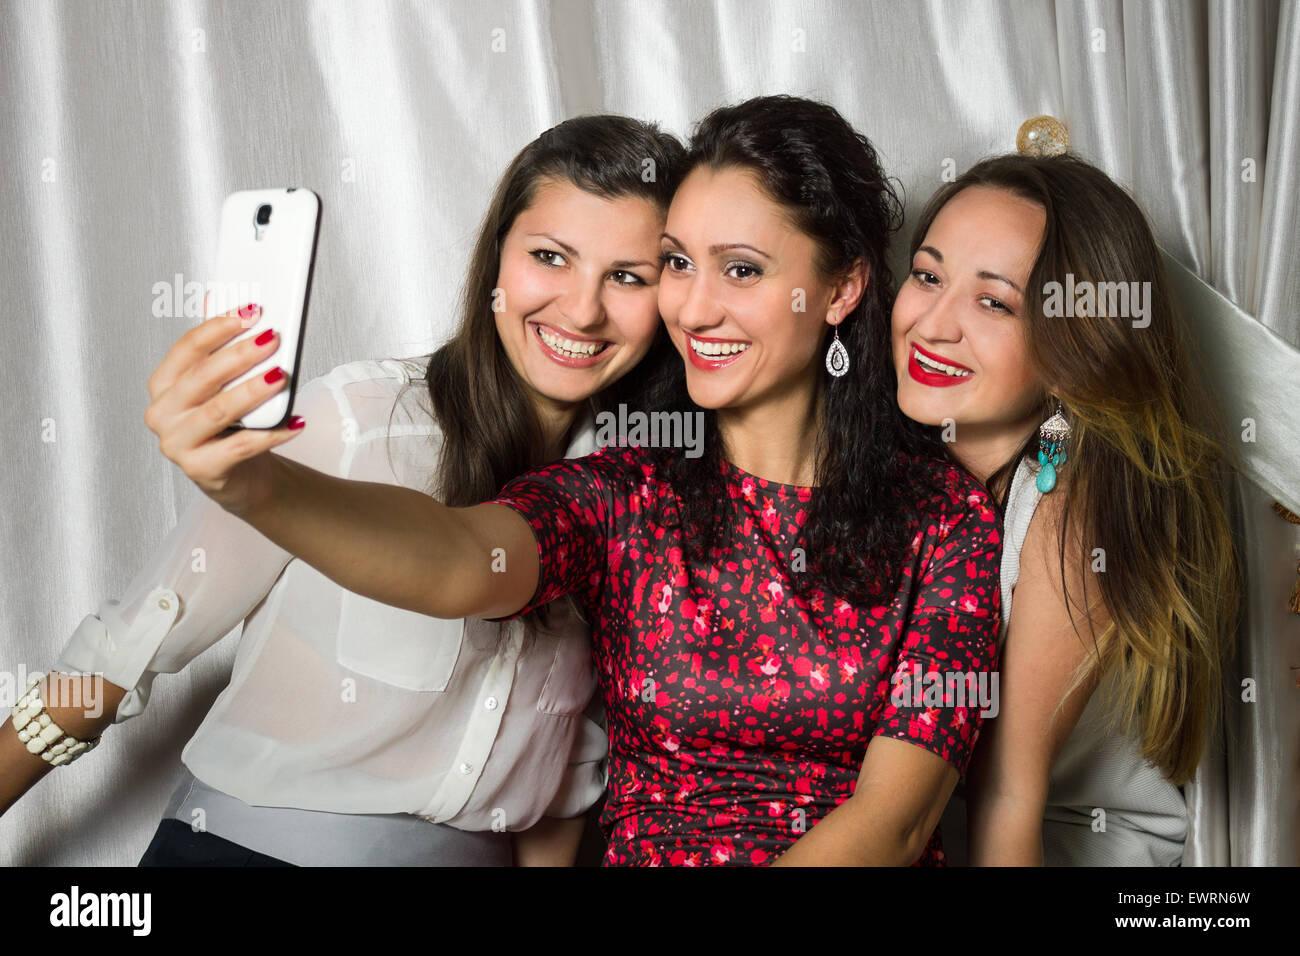 Gruppe junger fröhlich lächelnde Frauen machen Selfie. Drei Schönheit Mädchen haben Spaß Stockbild